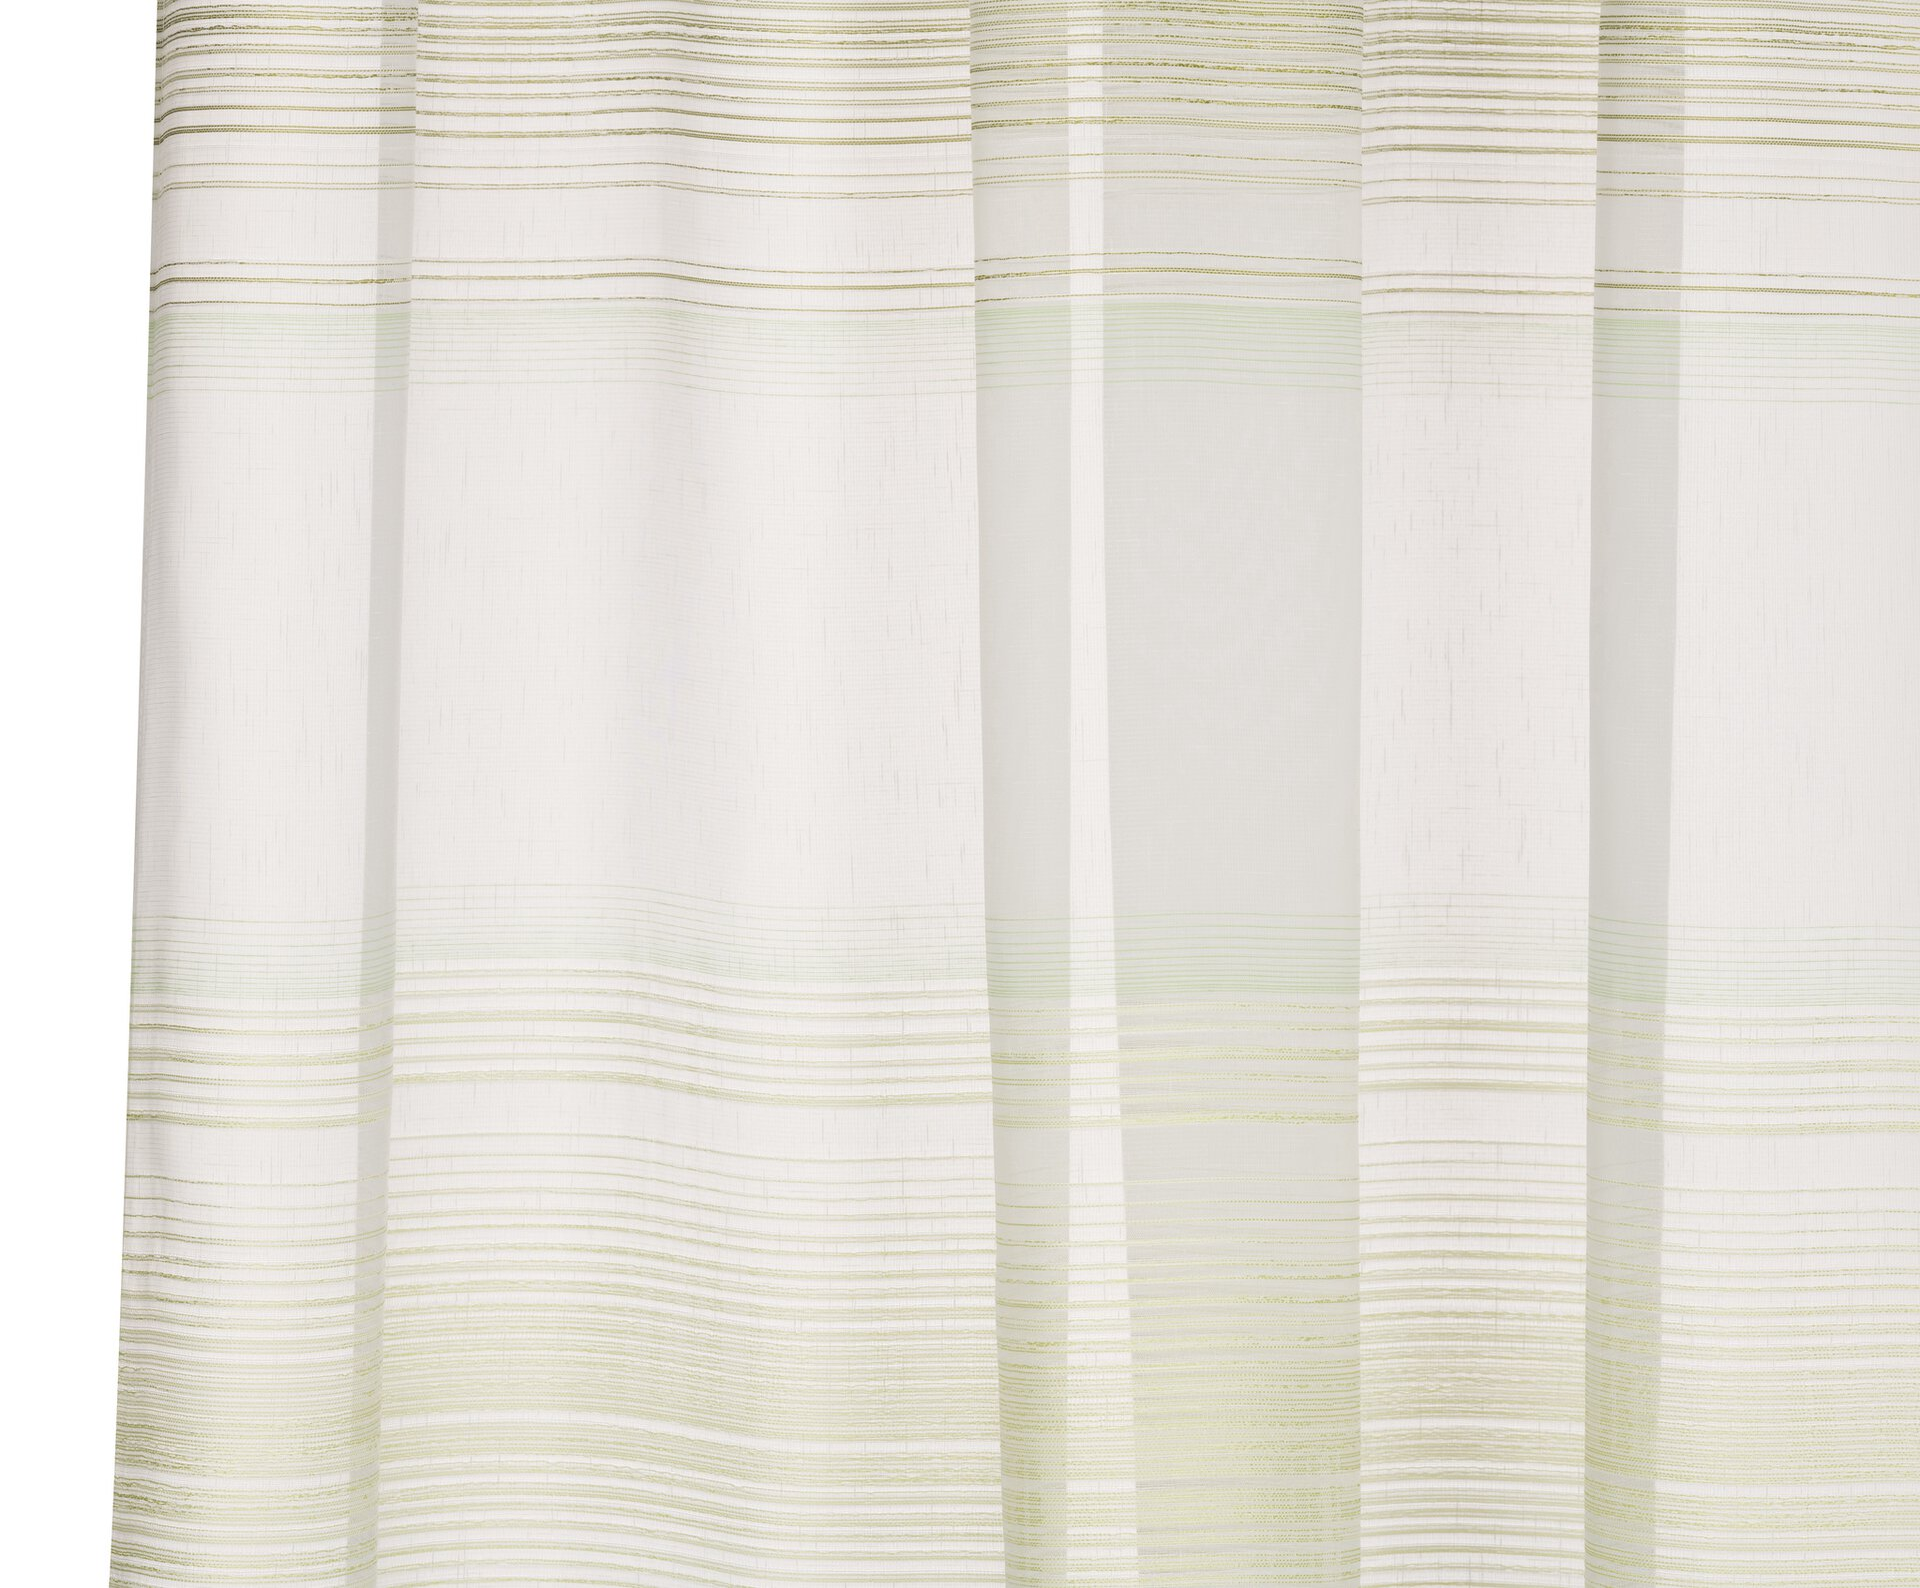 Schlaufenschal Lando Ambiente Trendlife Textil 140 x 245 cm